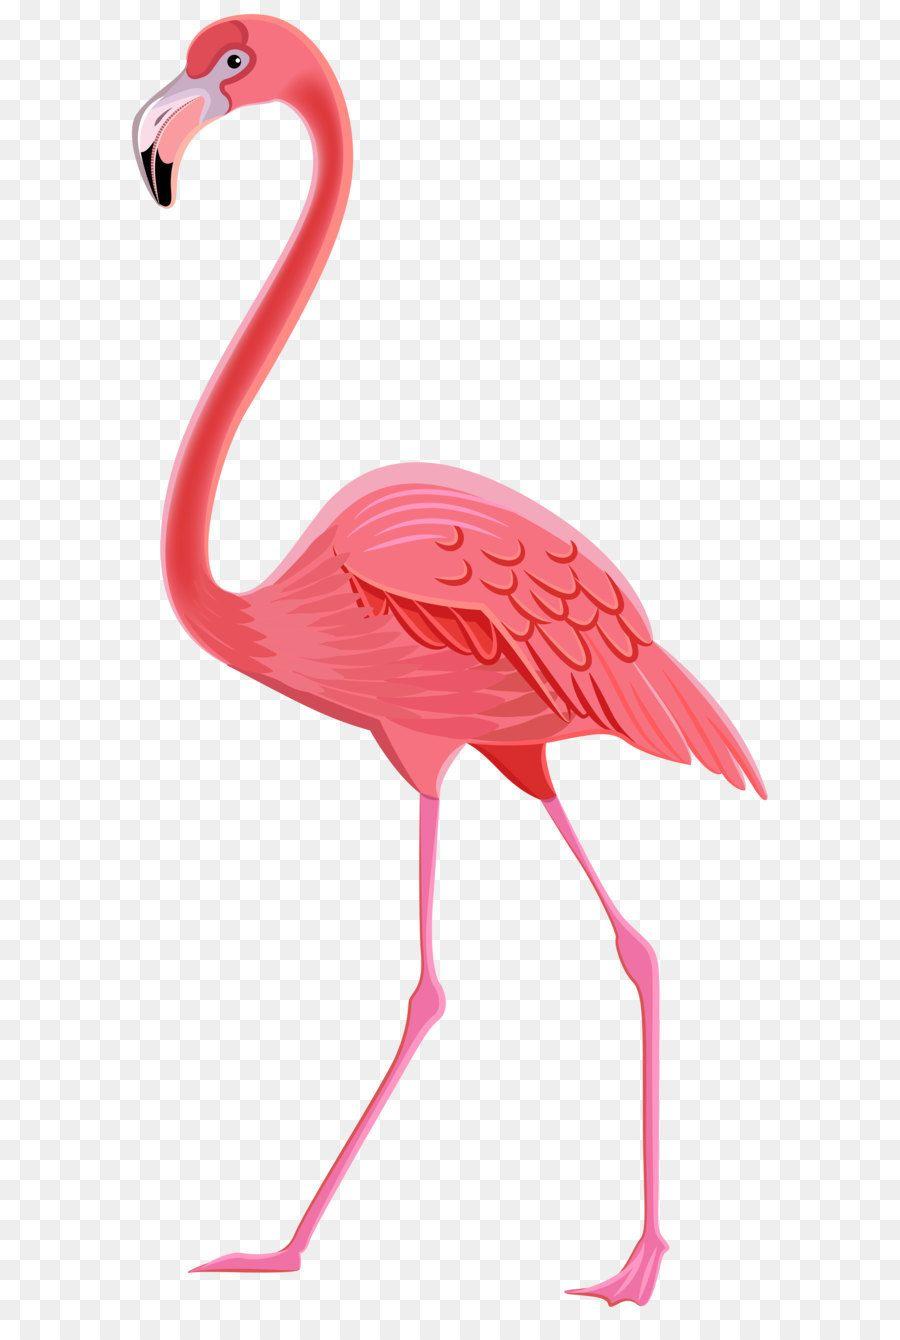 Flamingos Bird Clip Art Flamingo Png Transparent Clip Art Image Unlimited Download Kisspng Com Flamingo Art How To Draw Flamingo Flamingo